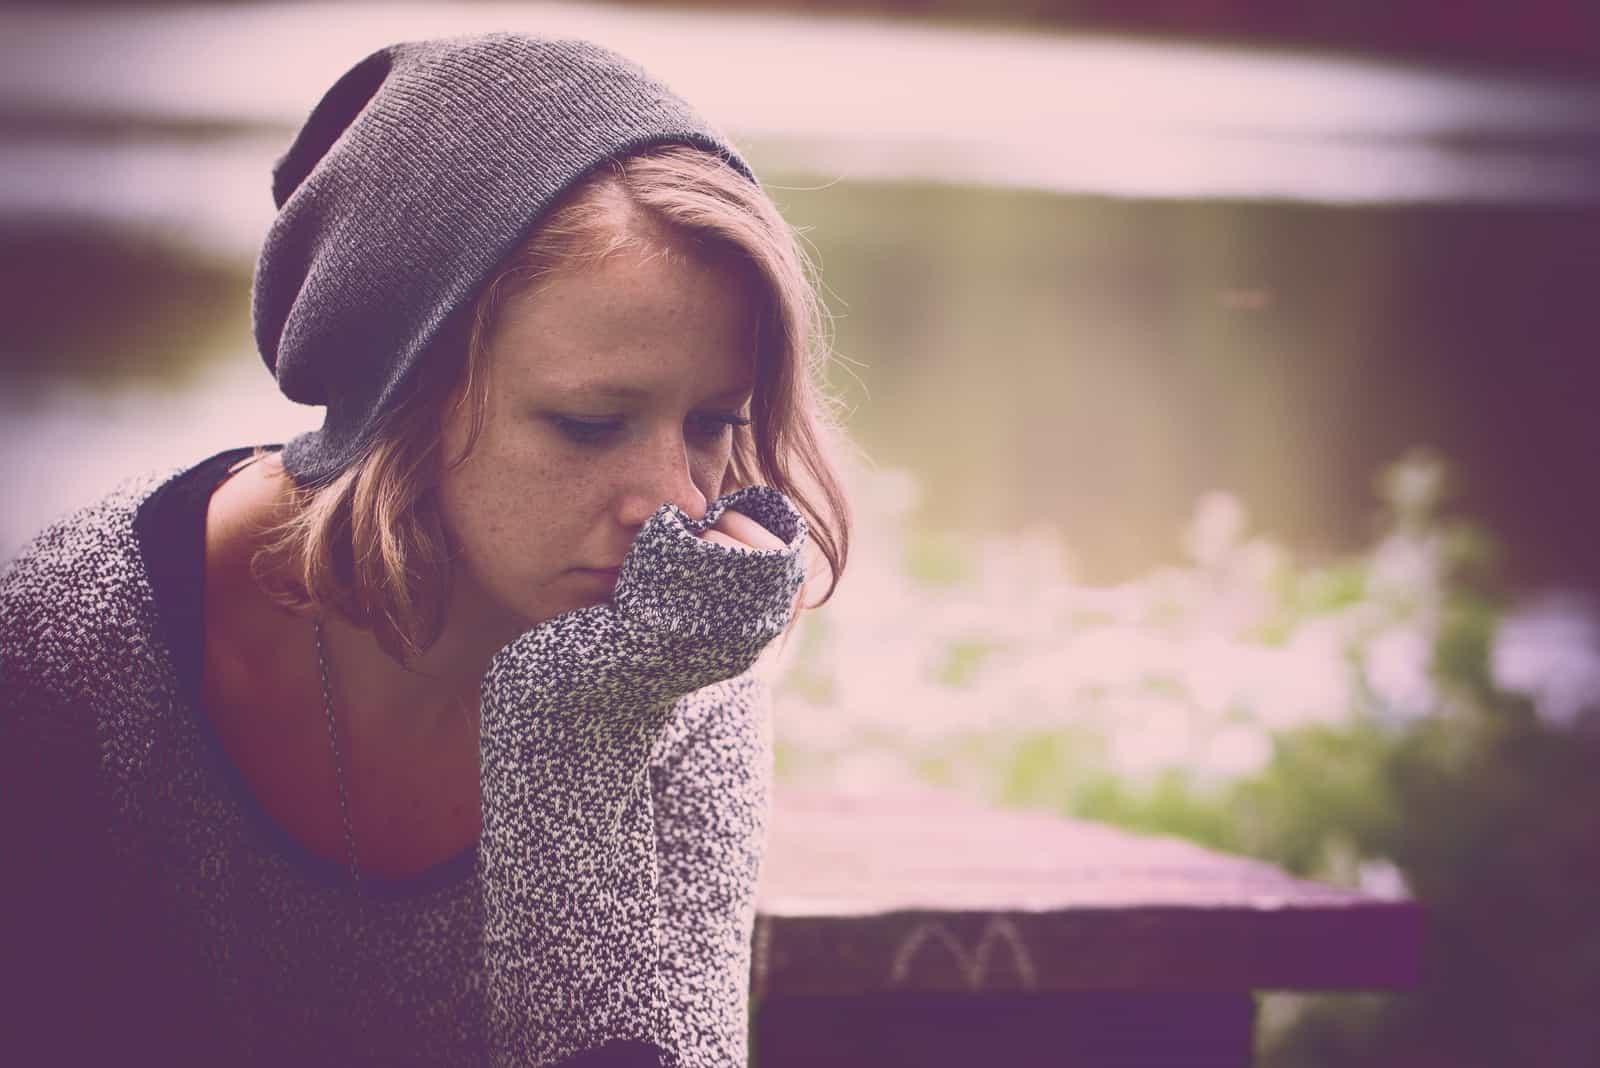 une femme triste est assise sur un banc avec un chapeau sur la tête